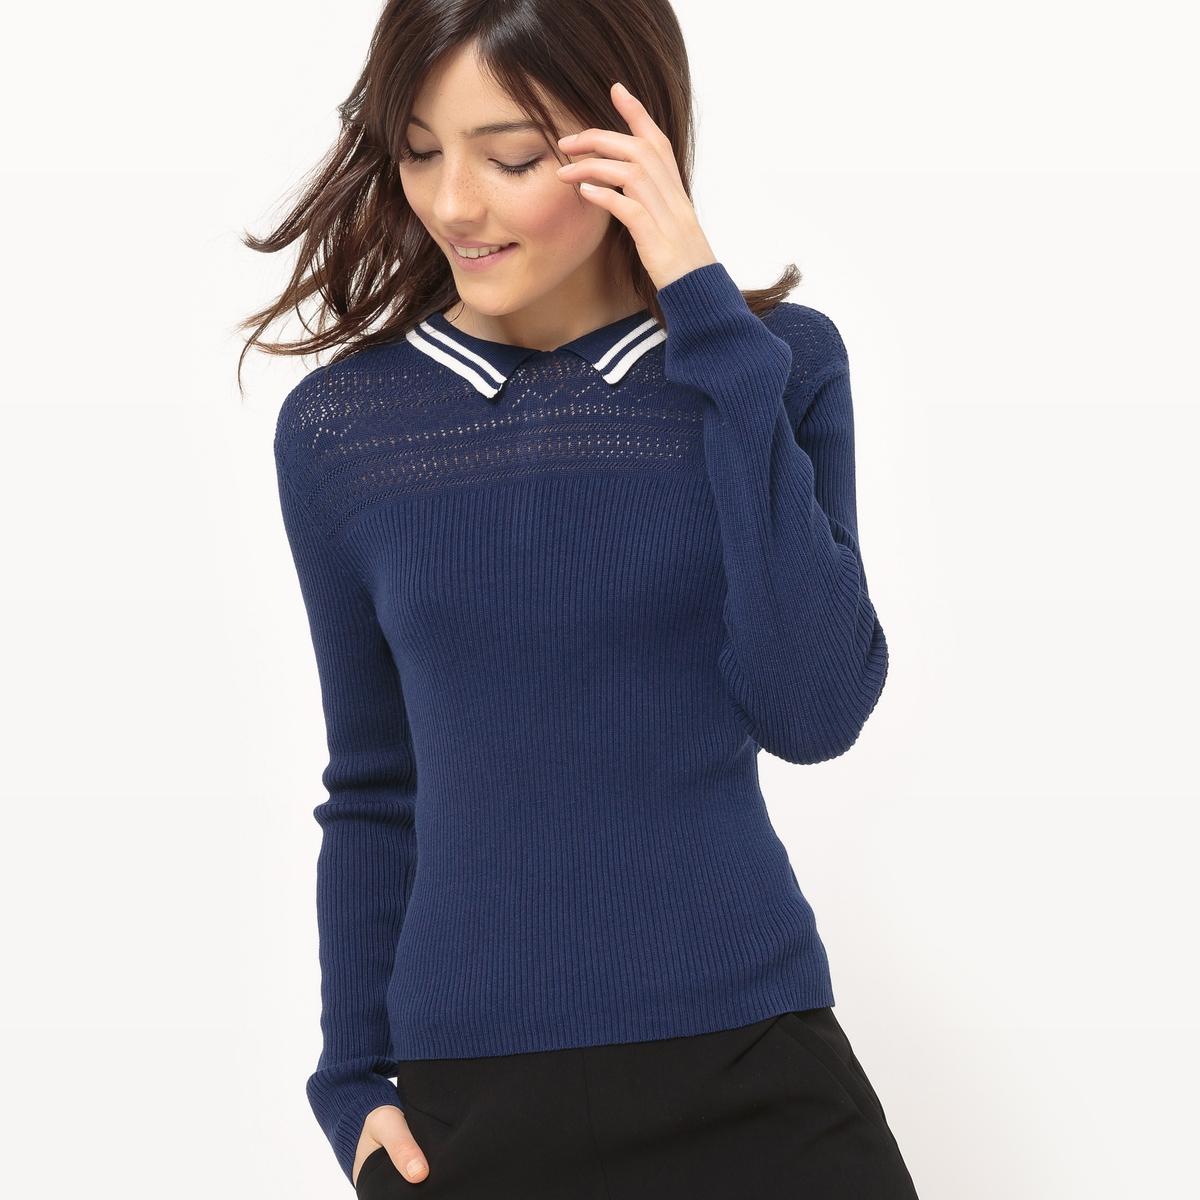 Пуловер с воротником поло из хлопкаДетали  •  Классическая модель •  Длинные рукава •  Воротник-поло, рубашечный •  Тонкий трикотажСостав и уход •  50% хлопка, 50% модала •  Следуйте советам по уходу, указанным на этикетке<br><br>Цвет: красный,темно-синий<br>Размер: XL.M.XL.M